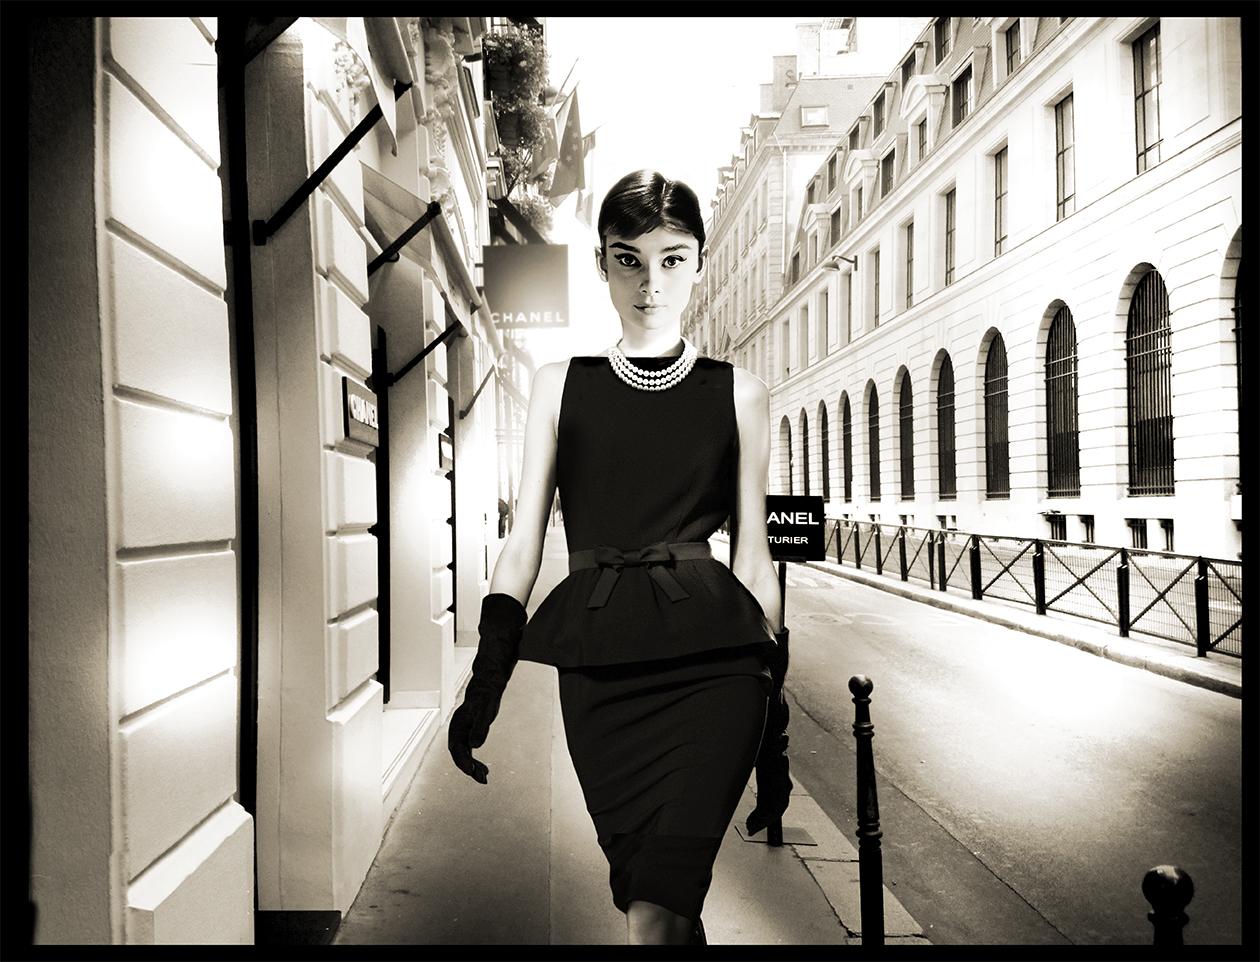 axel-crieger-Little-black-dress-AudreyHepburn-Fotocollage-auf-Musuemsleinwand-Edition12